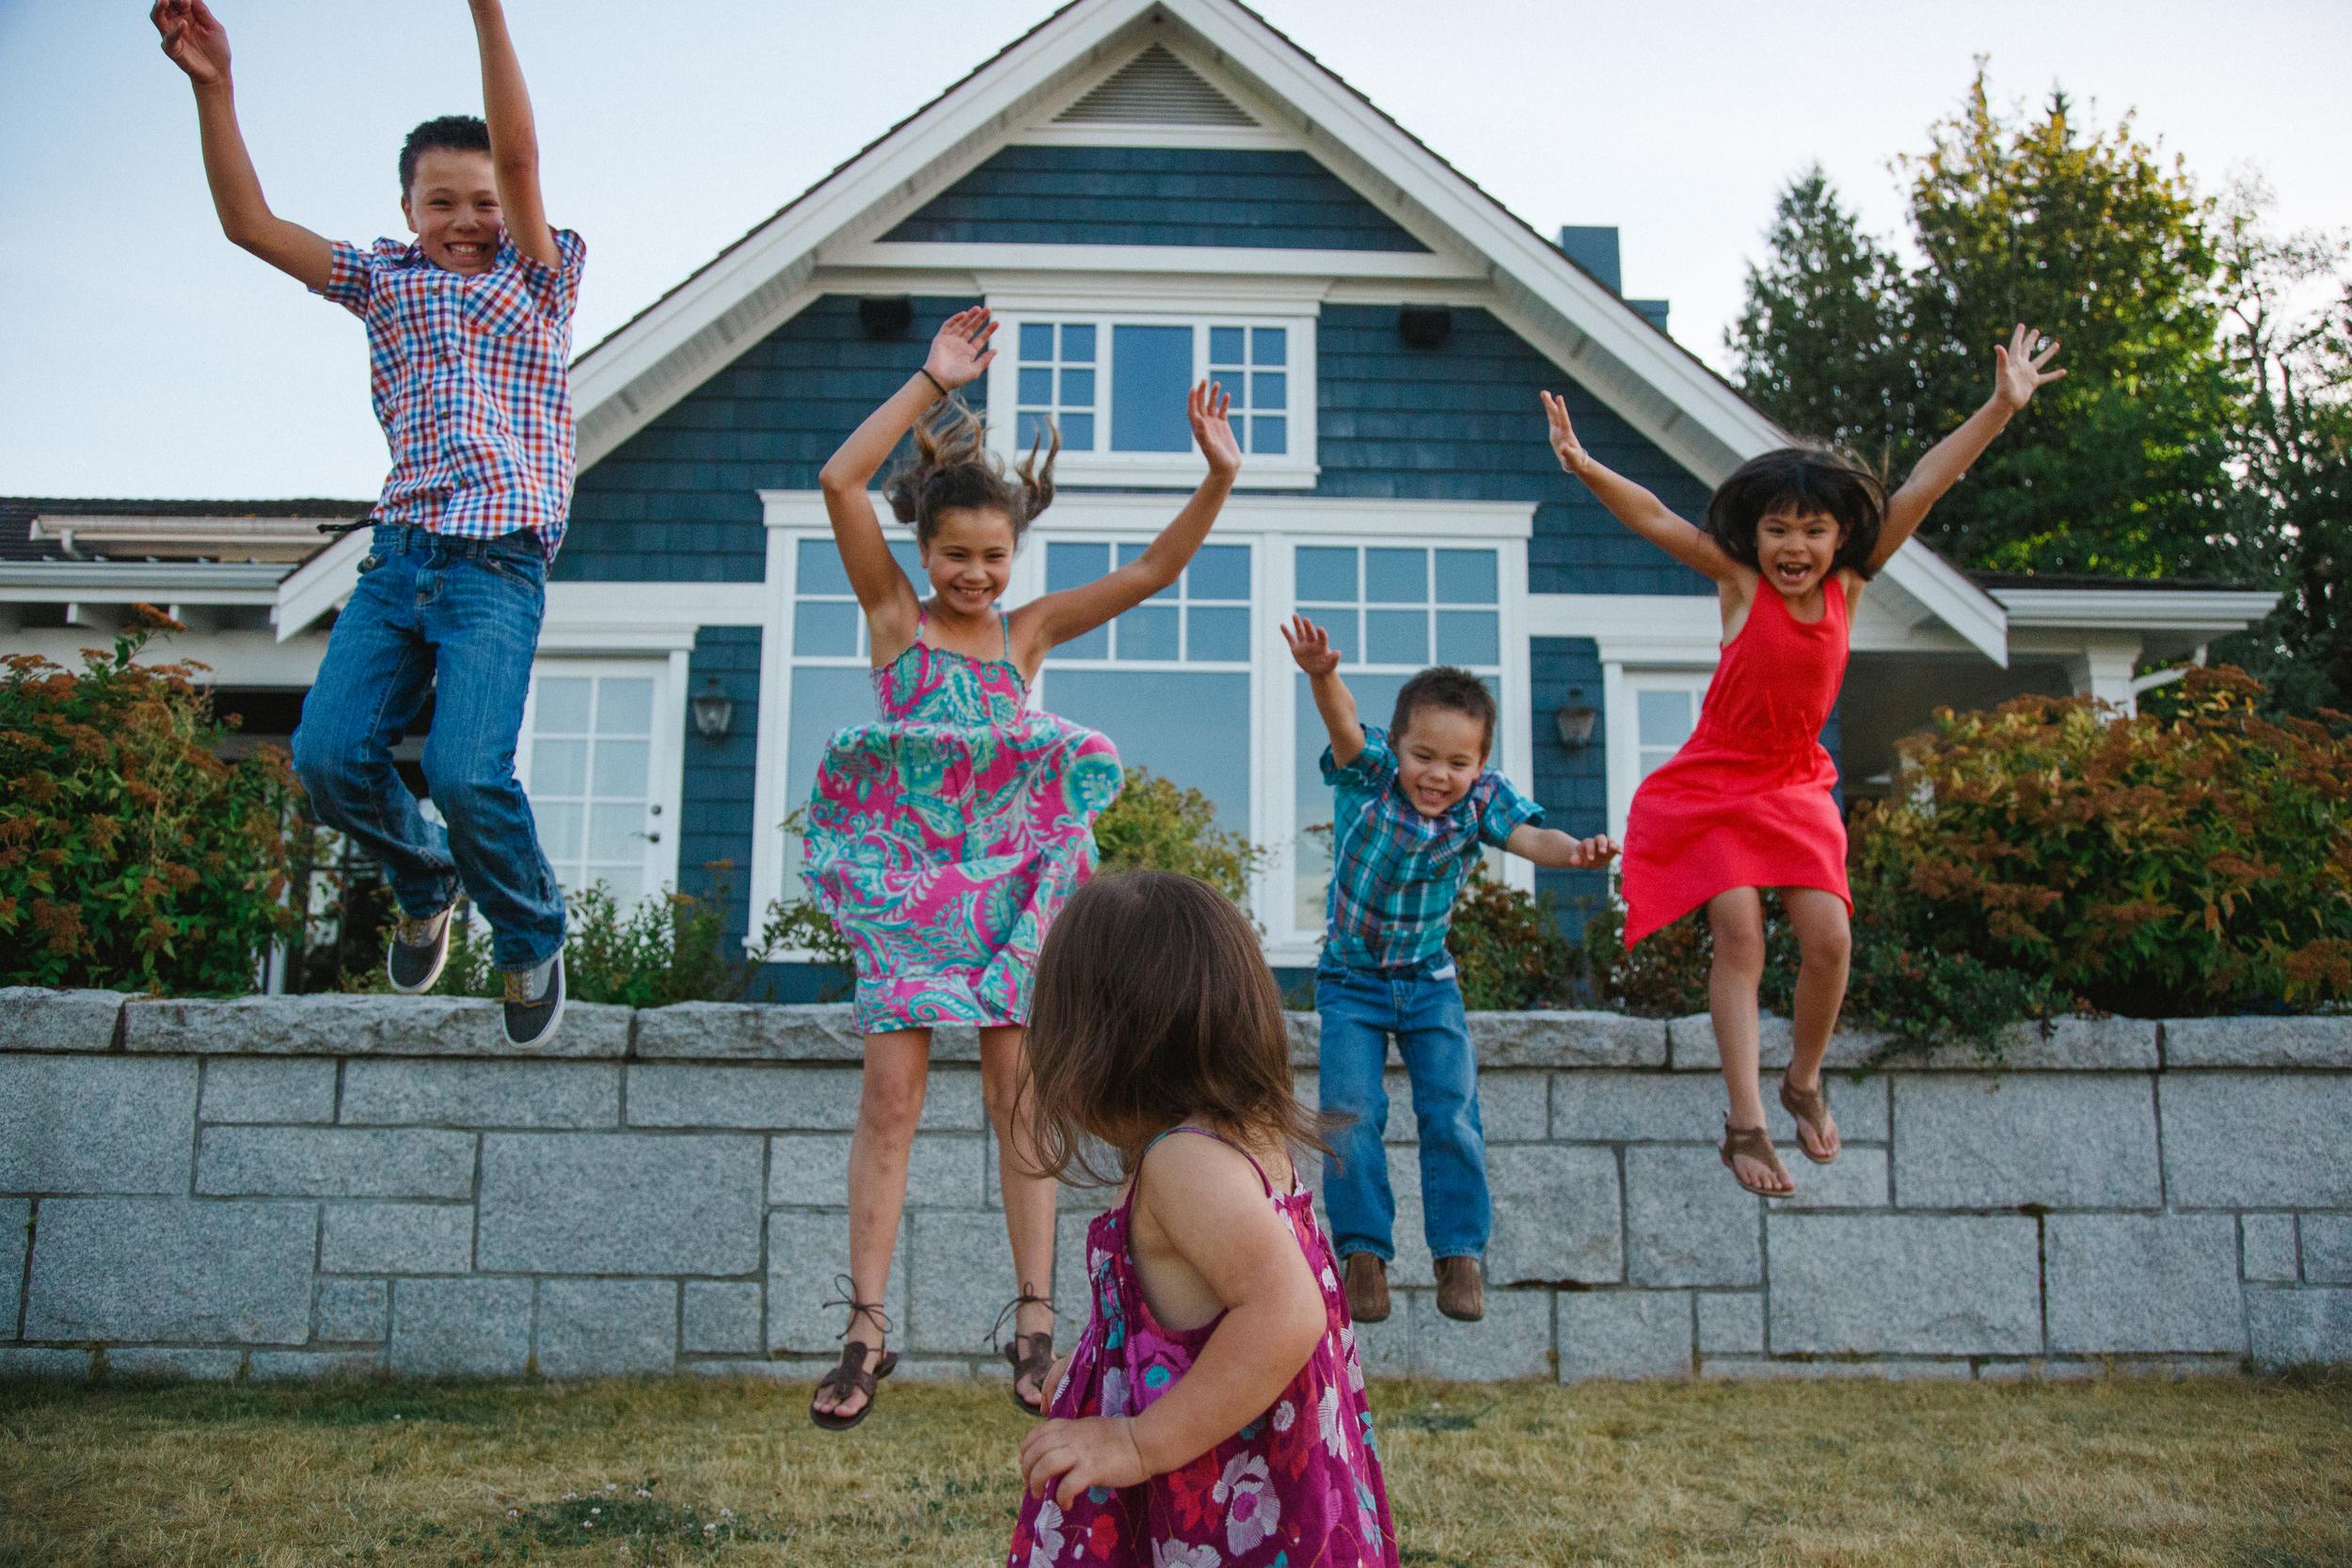 rauch kids jumping-1.jpg